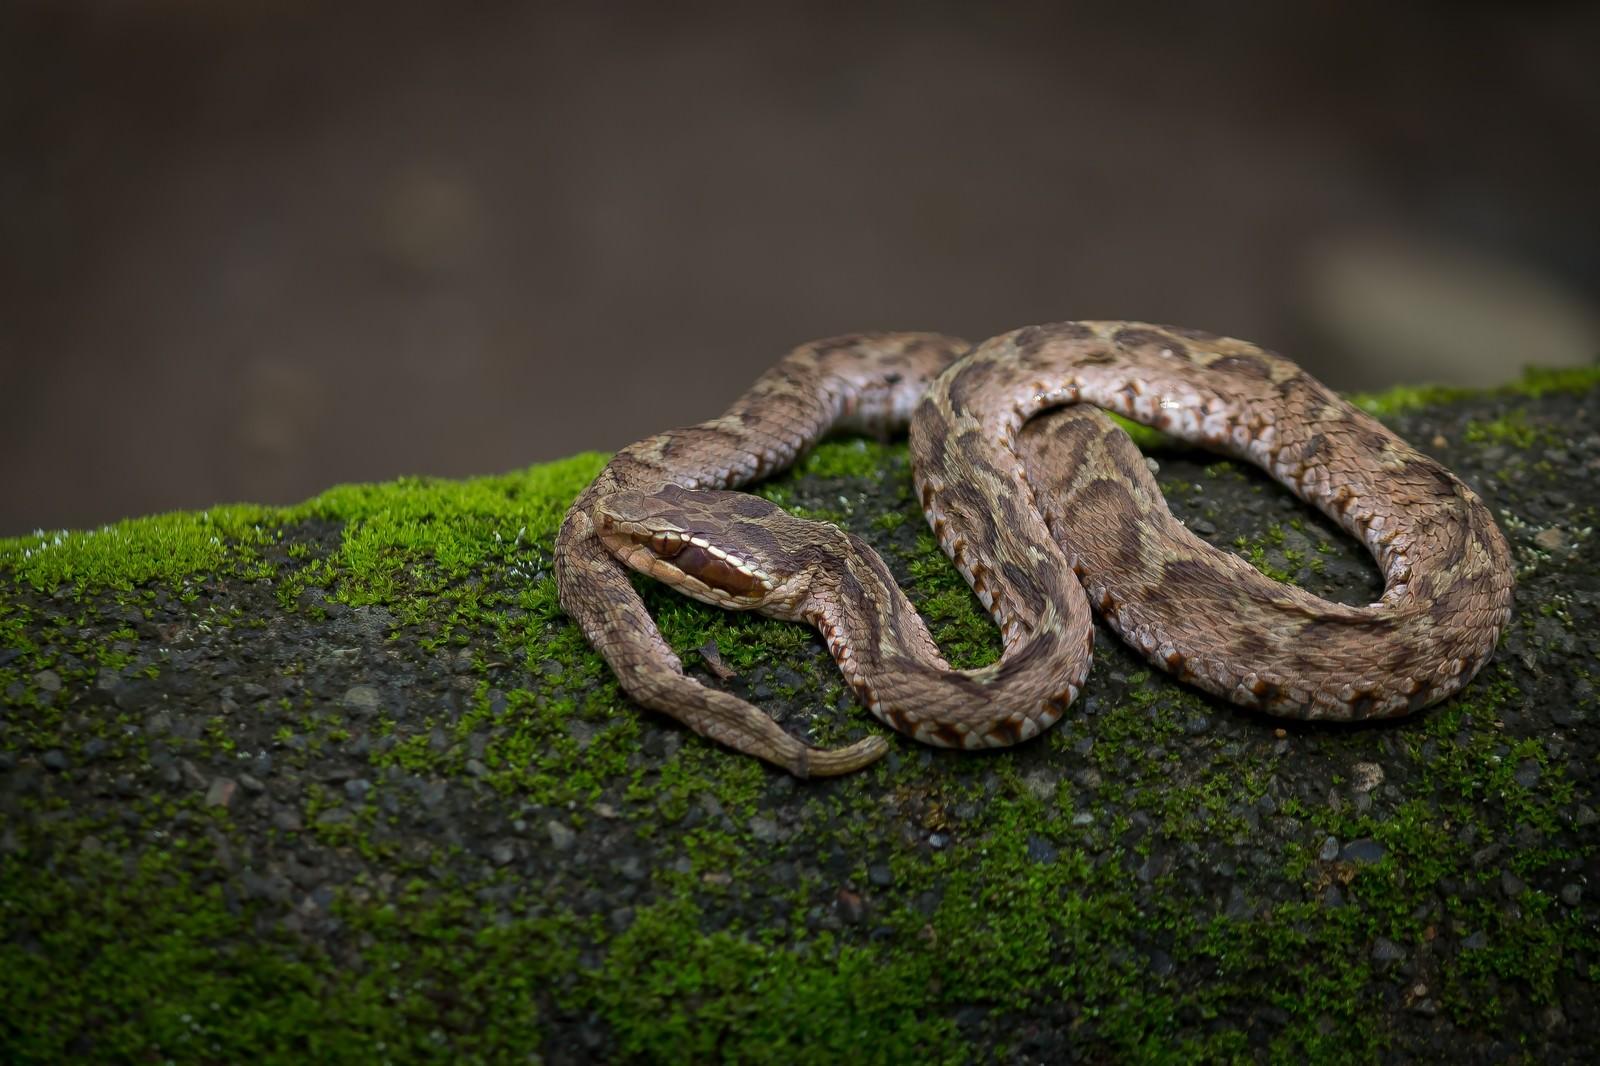 「まむし(毒蛇)」の写真